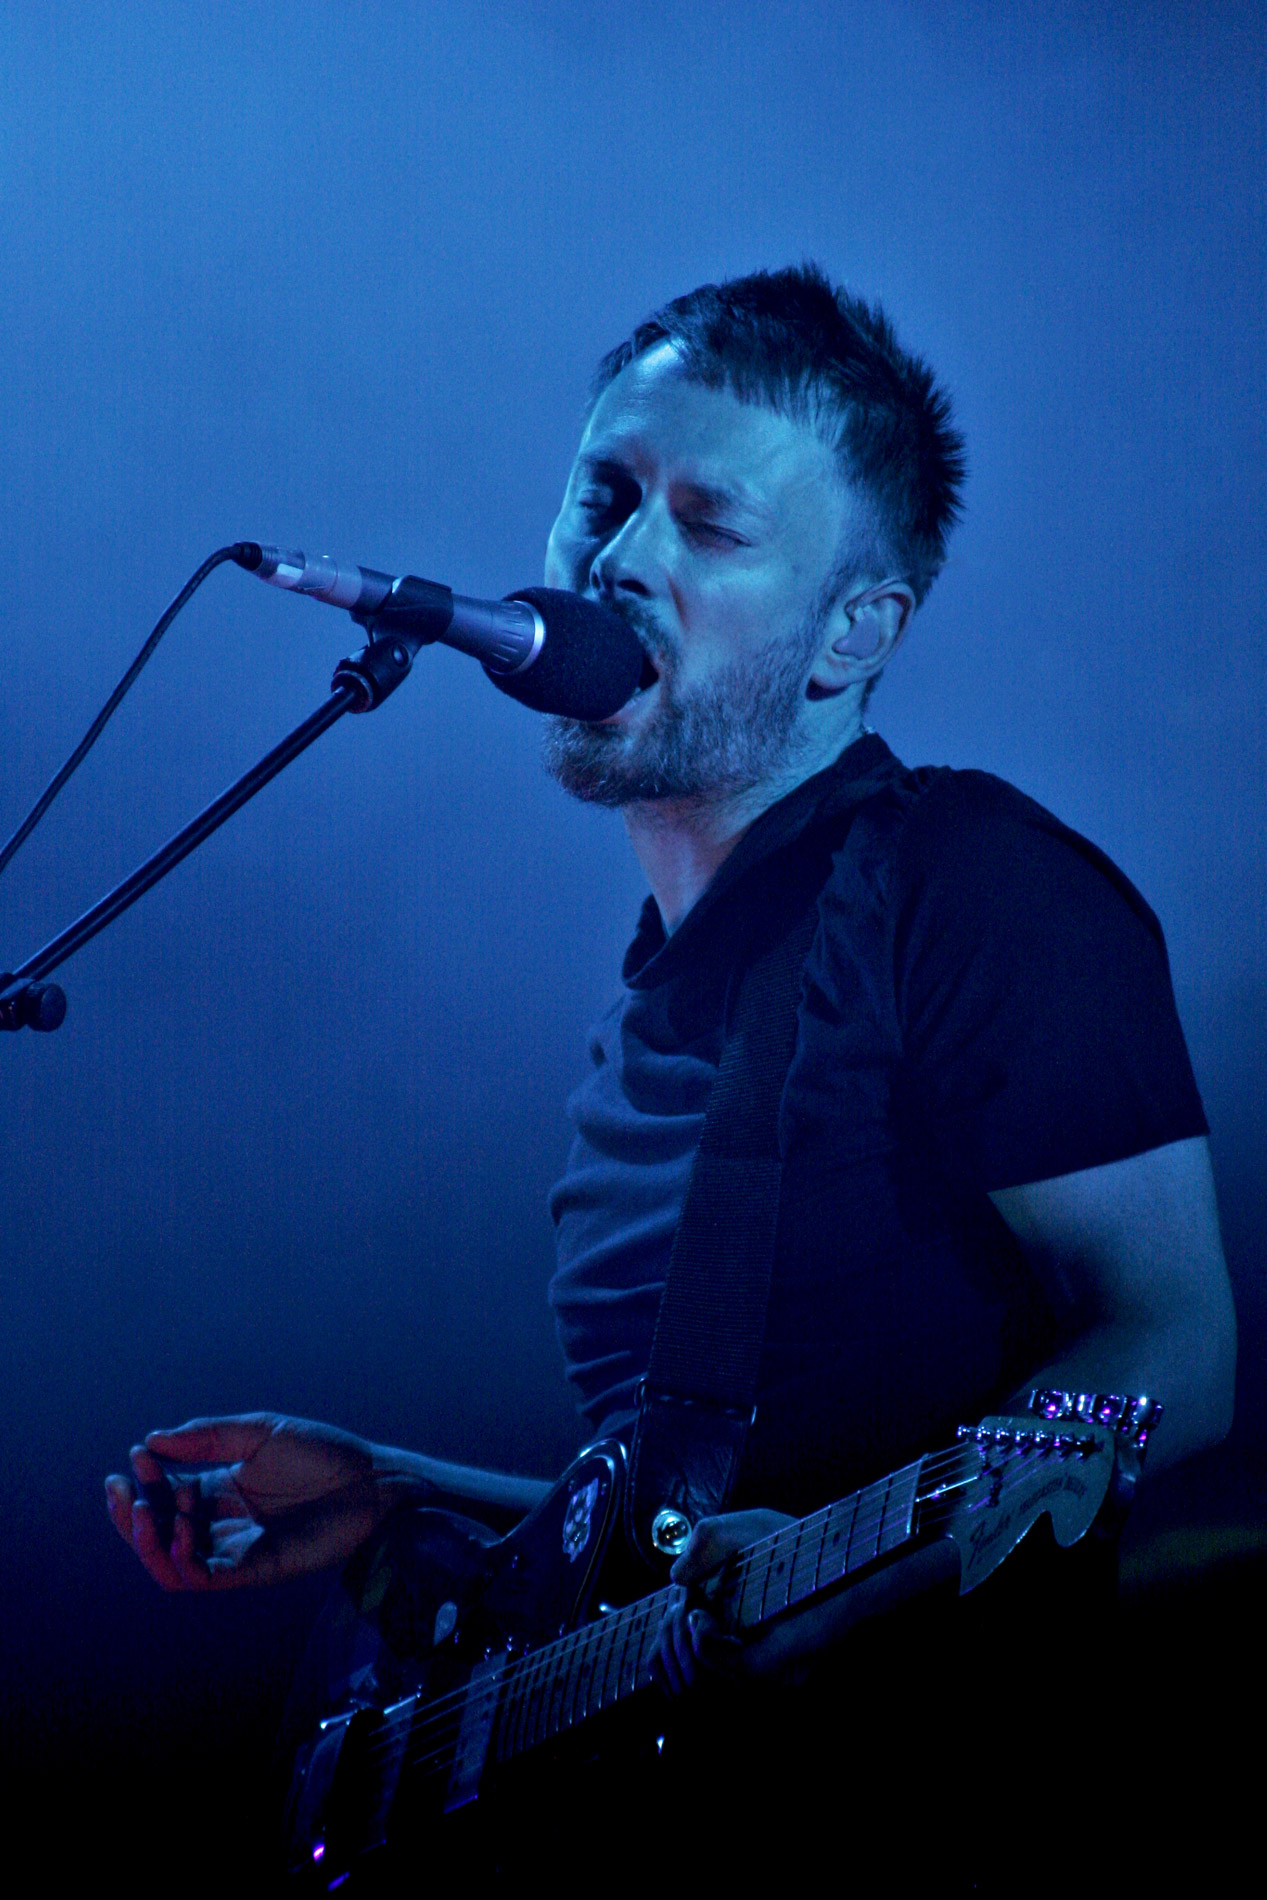 Radiohead au Festival Rock en Seine à Paris le 26 aout 2006